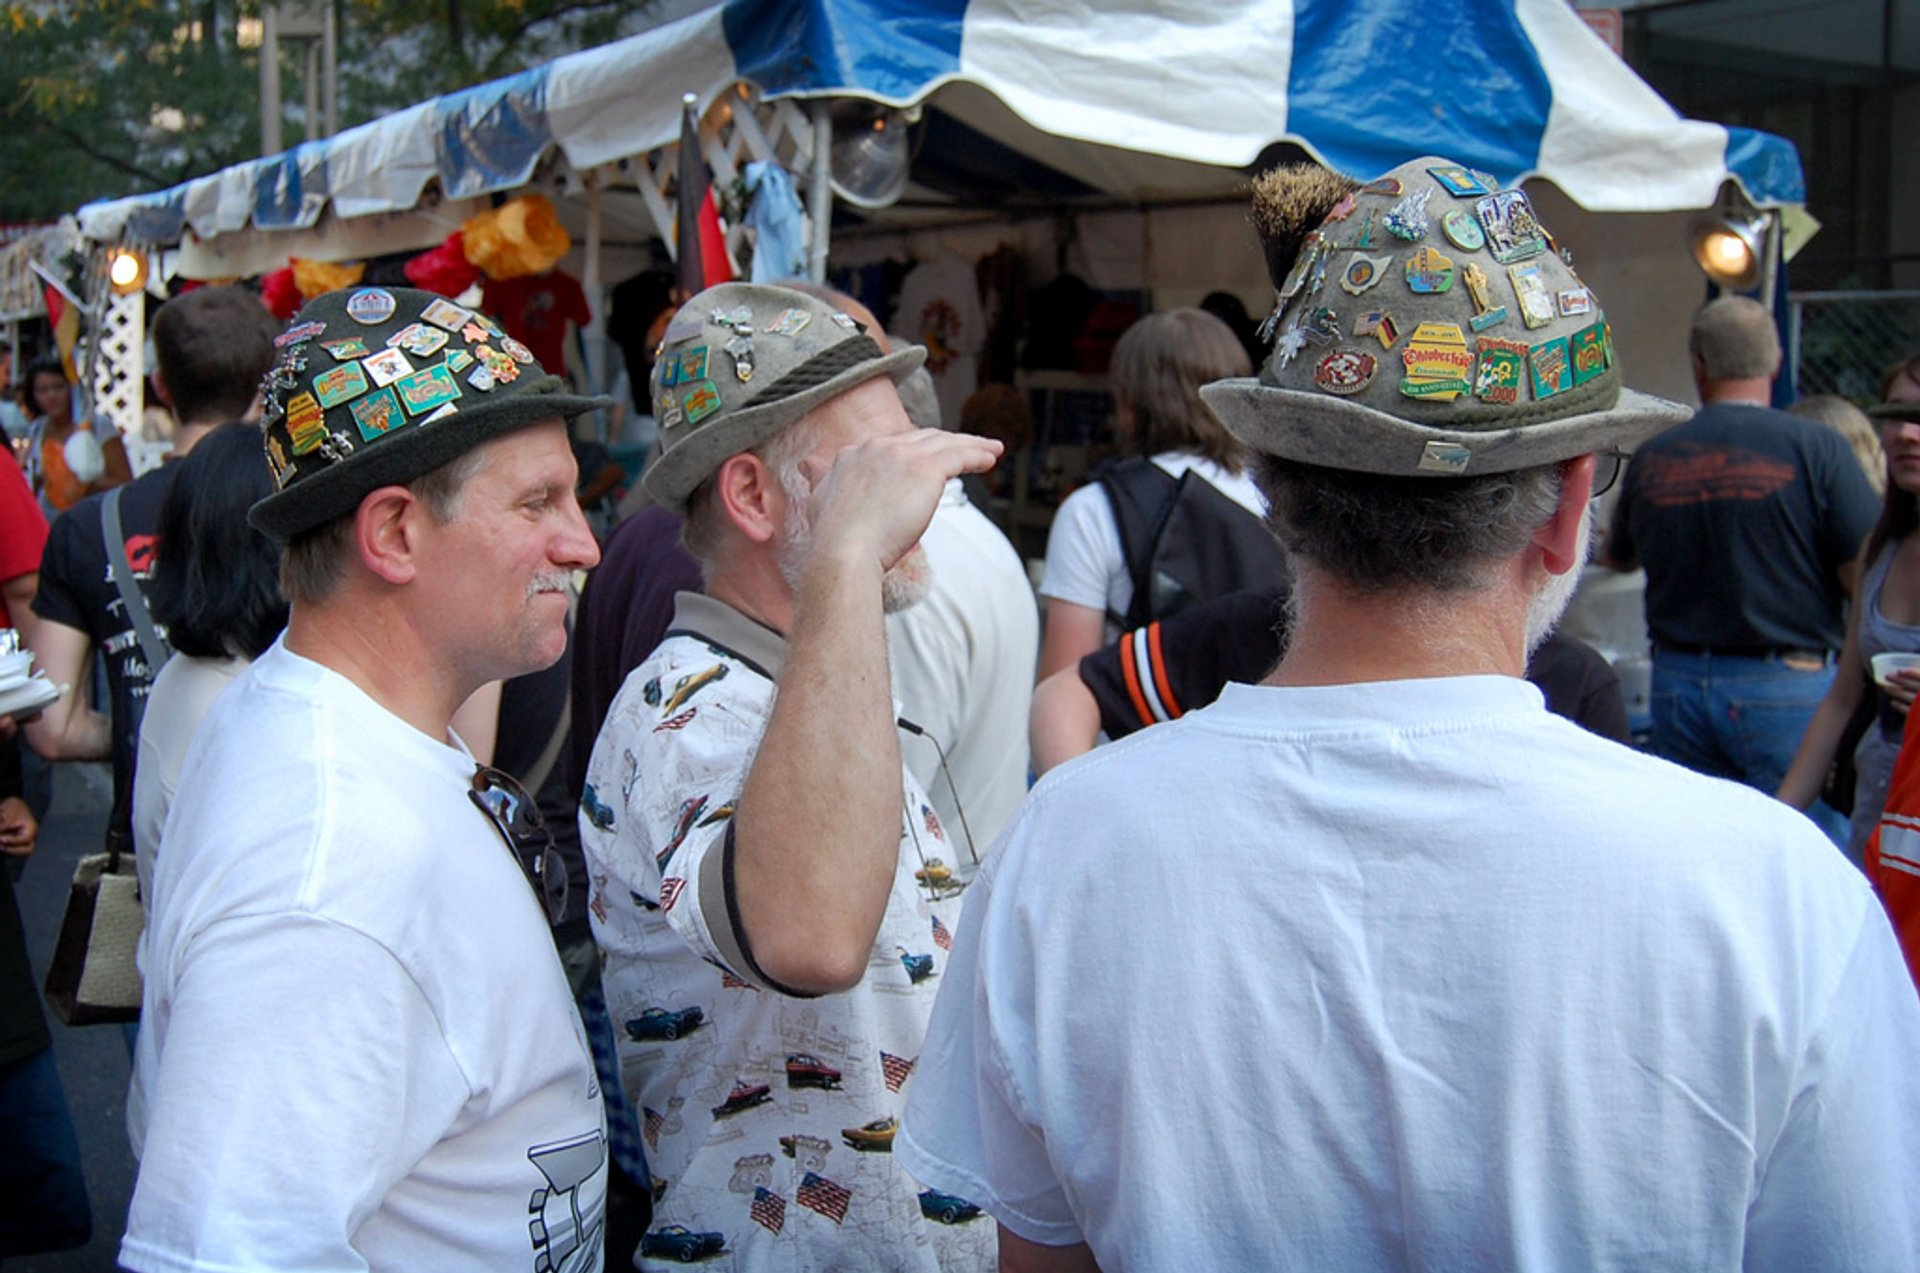 Oktoberfest Zinzinnati in Midwest - Best Season 2020